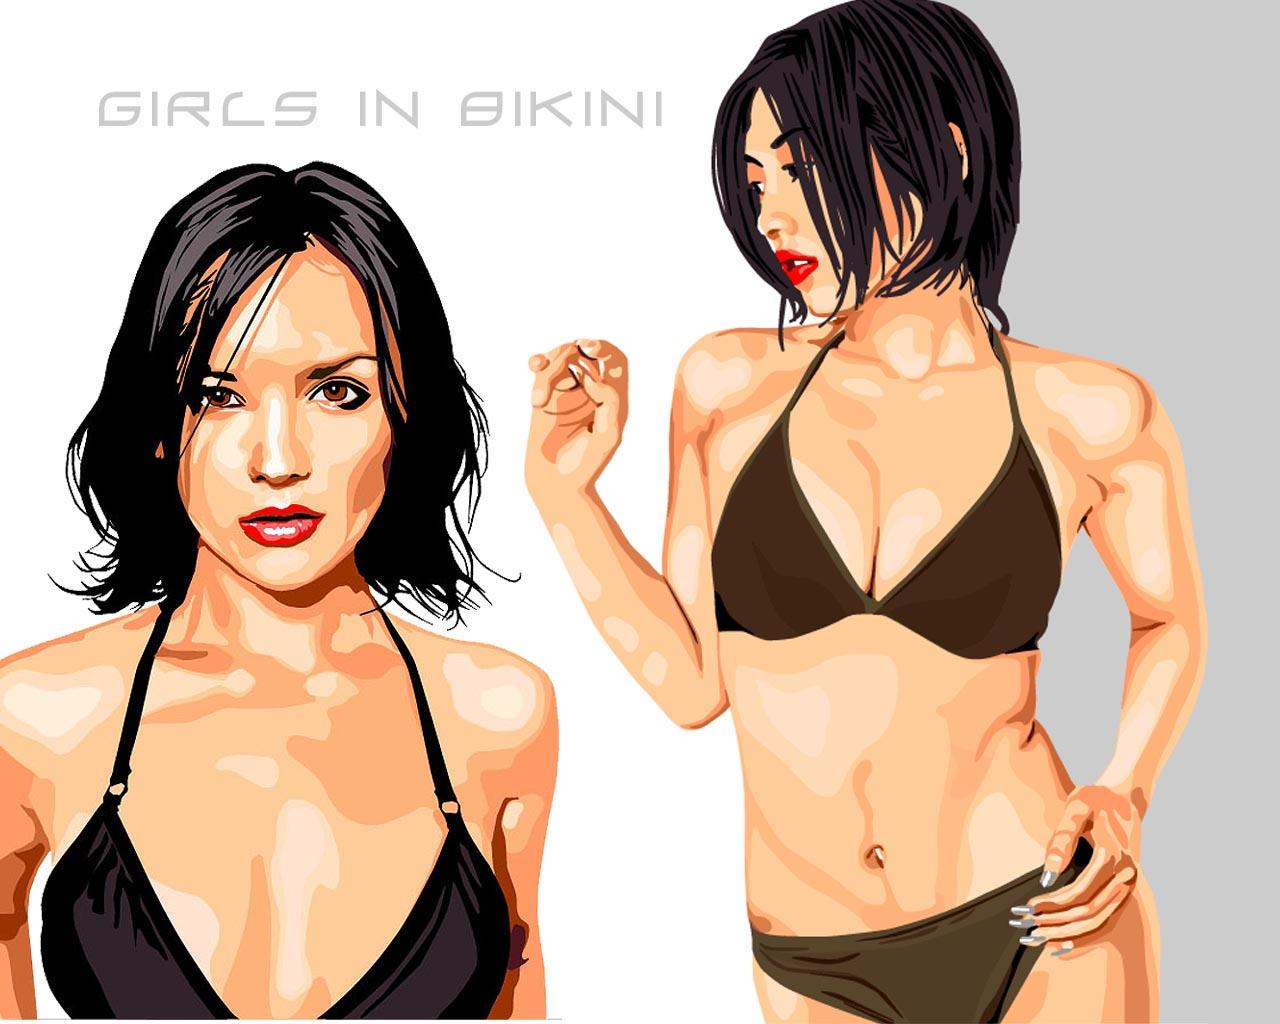 Girls in bikini by madstoner